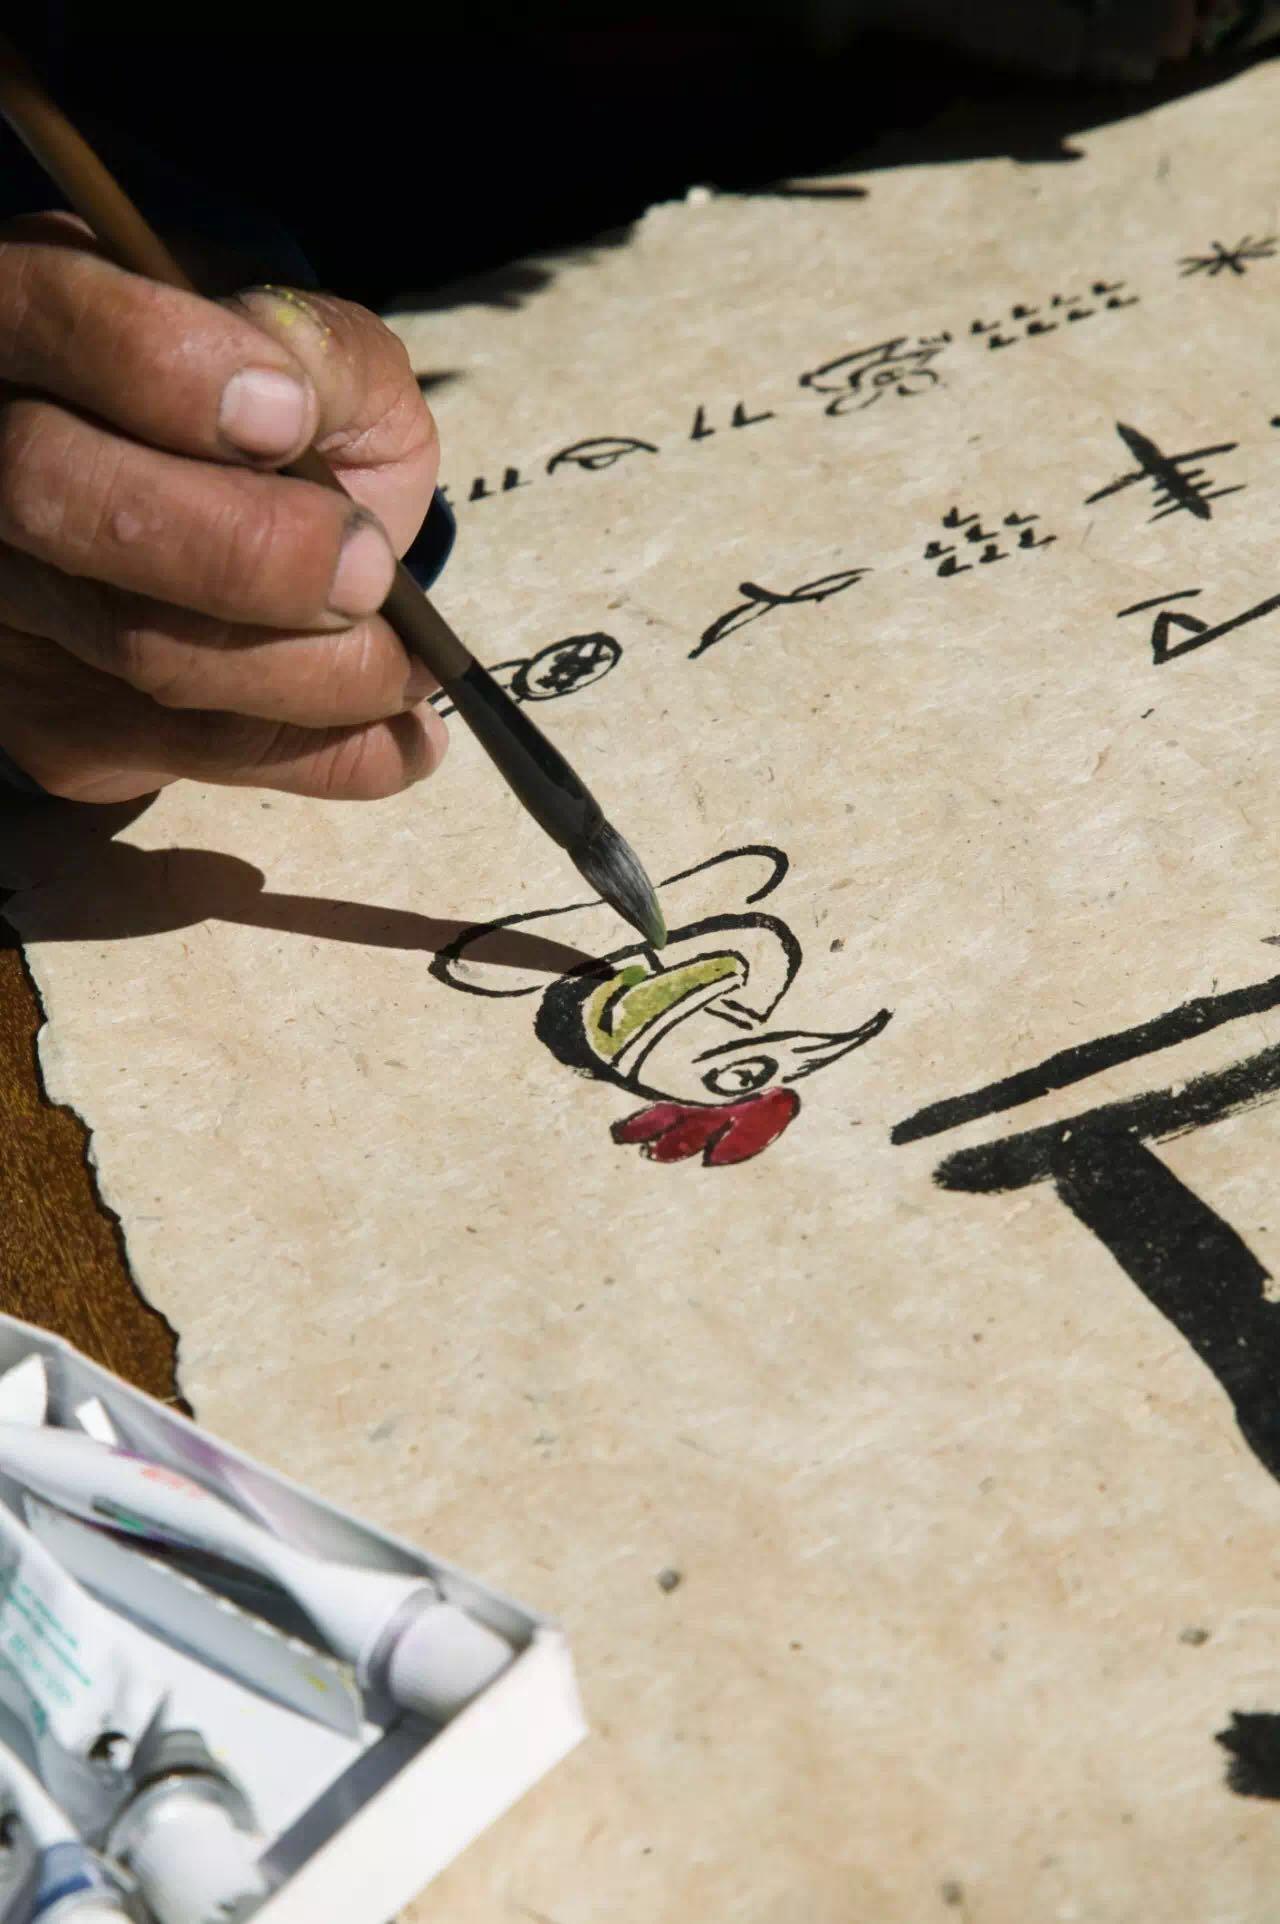 """1867年,法国传教士德斯古丁斯将纳西族的东巴经介绍到西方,引发了人们对东巴文的好奇,也催生了西方的""""纳西学""""。据推测,东巴纸出现于元朝,它的独特工艺和质地,让纳西的大东巴们用它抄写经文、绘画、制作法冠。纳西的造纸术与藏地有更多相似之处,但又融合了一丝中原造纸法的技艺,这在国内手工造纸中很罕见。如今,东巴造纸虽然在""""非遗""""热中被捧红,但也阻挡不了这项手艺传人的流失。东巴文化圣地——香格里拉白地村的造纸与丽江纸相比,更传统,名气也更大,造纸仍是一些家庭的重要收入来源。"""